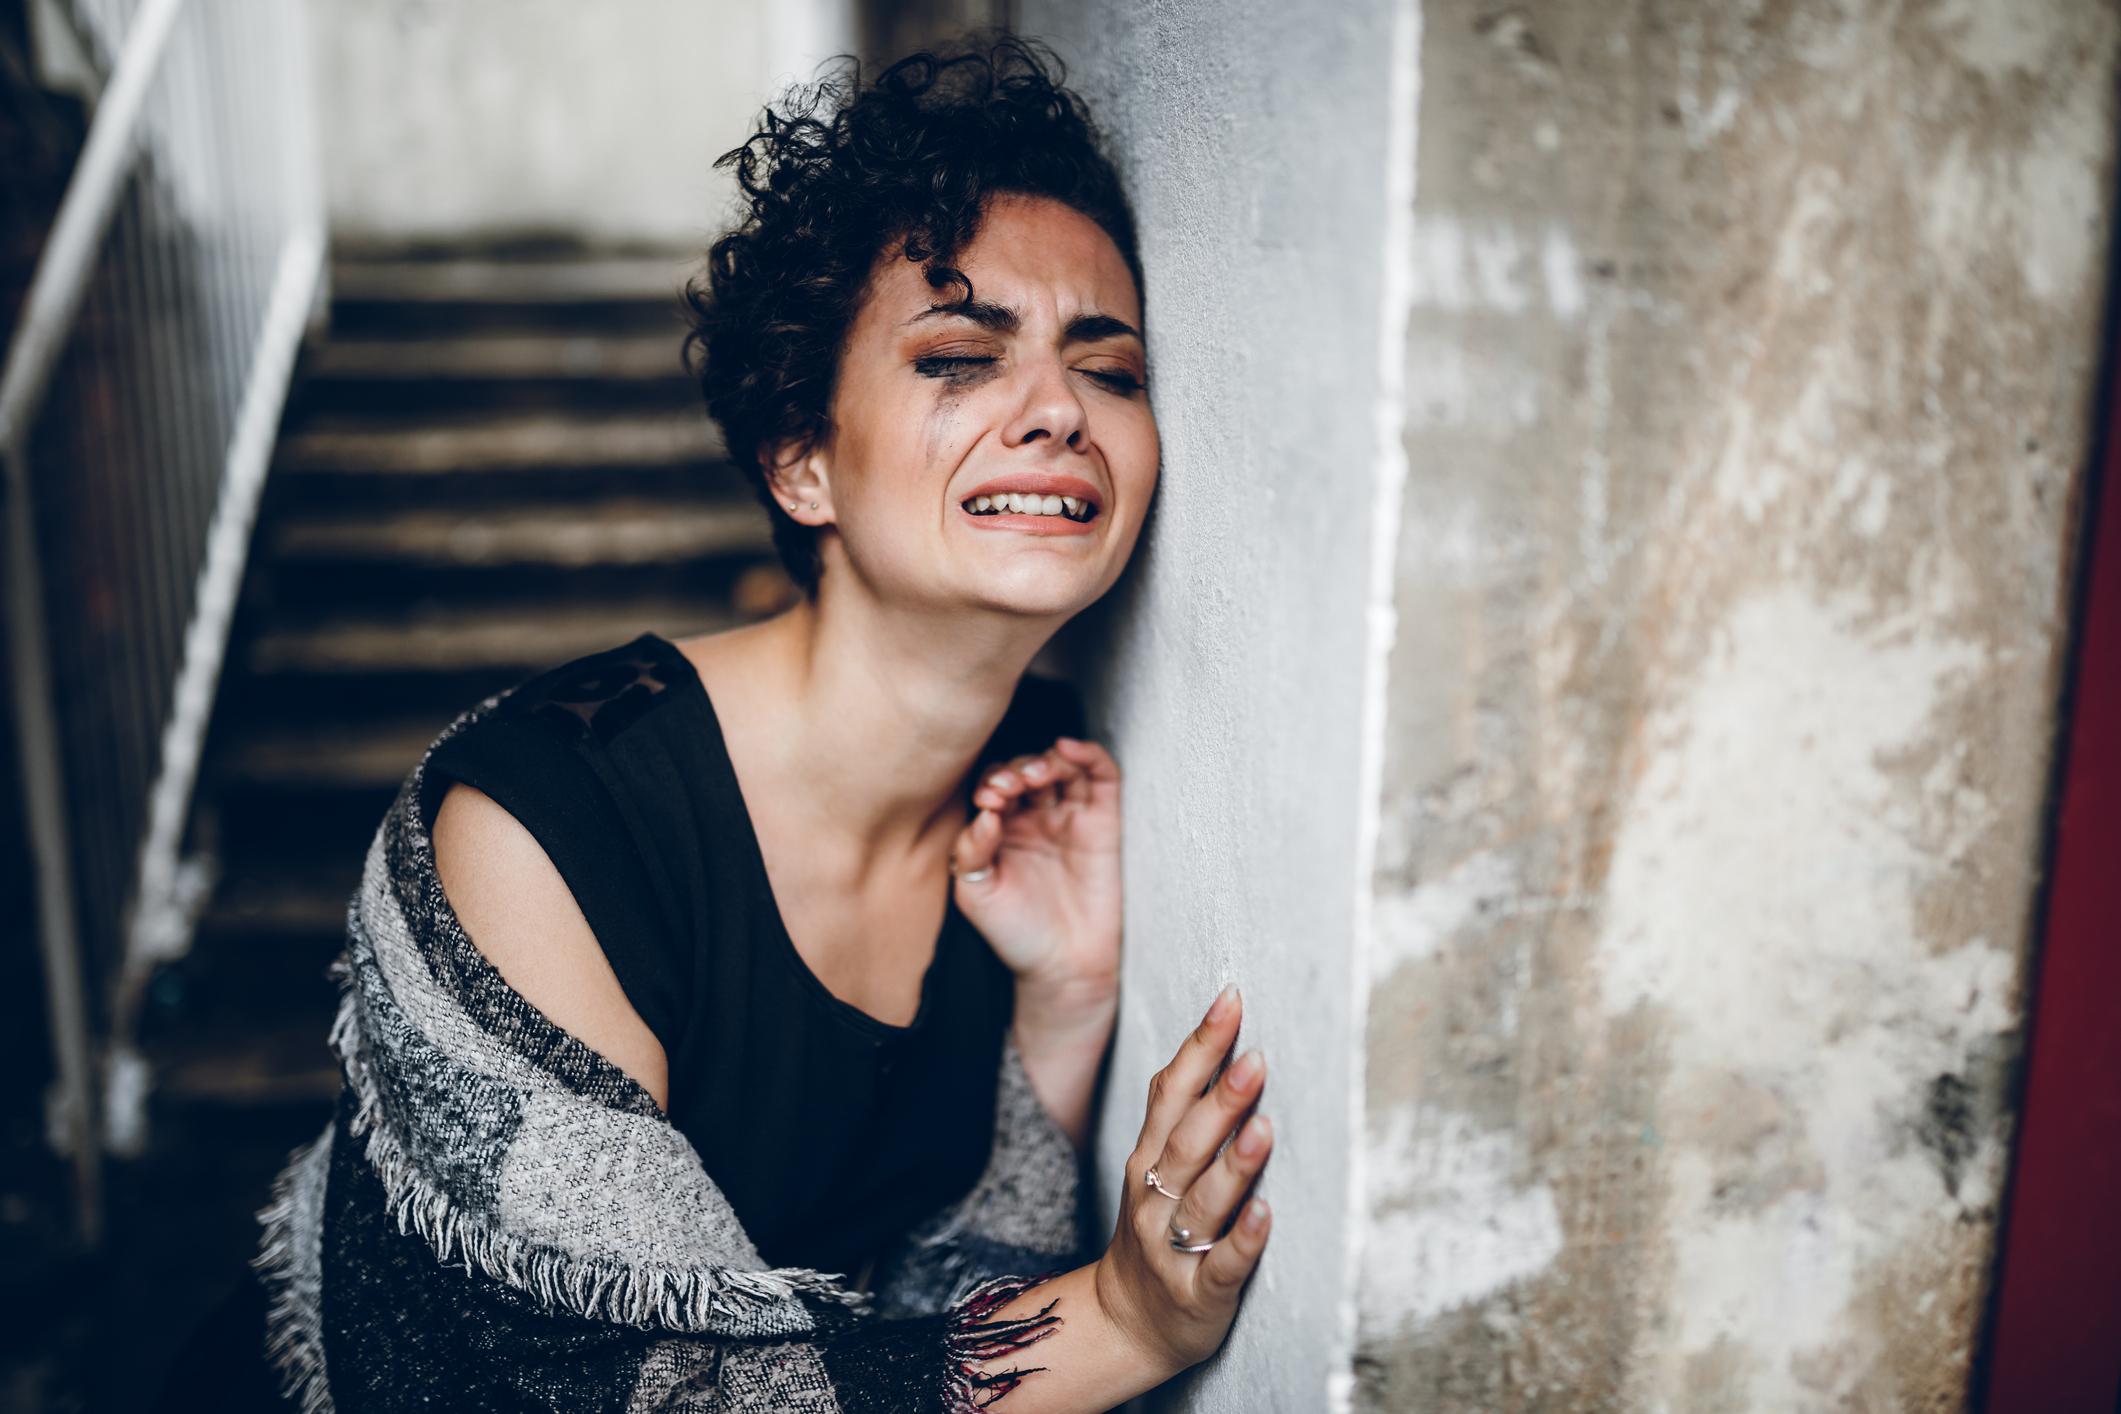 Prisiljavanje na zadržavanje suza u raznim emotivnim stanjima dovodi do blokiranja tih emocija u nama i stvaranja snažnog unutrašnjeg stresa. Dugoročno, takvo stanje djeluje štetno na želudac i crijeva, imunosni te srčani i krvožilni sustav.